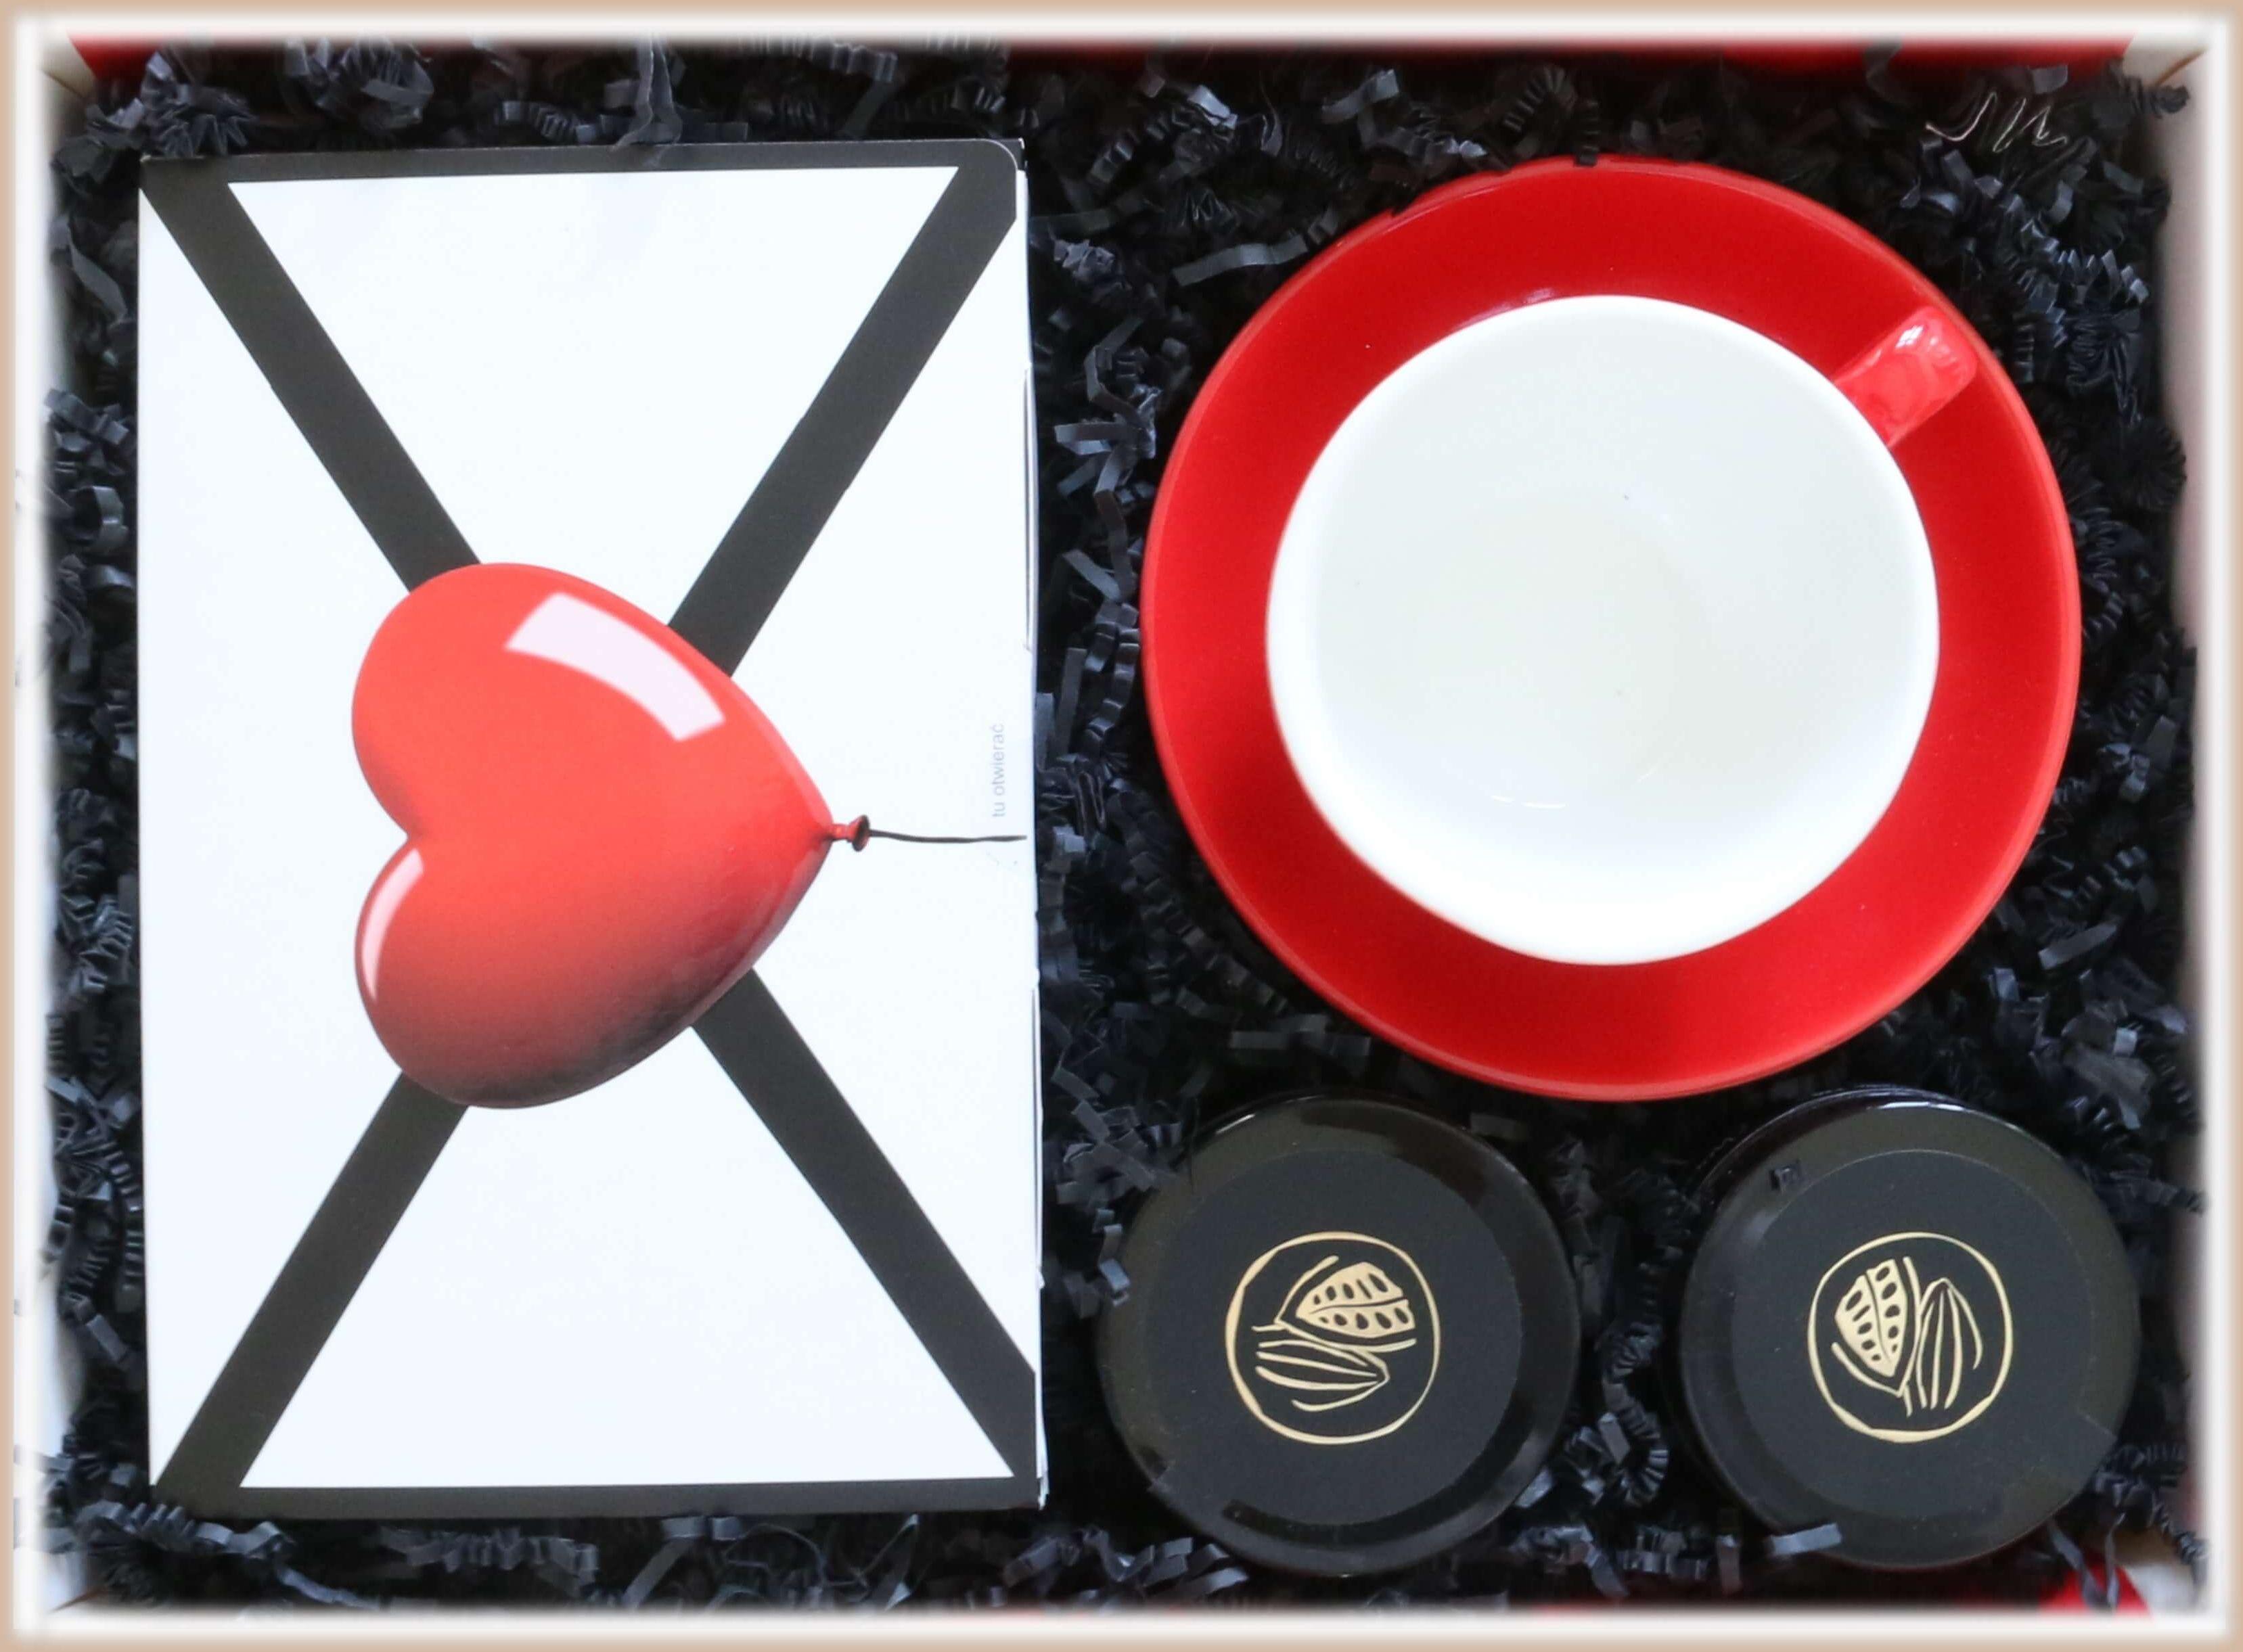 Zestaw prezentowy dla zakochanych Lovebox ROZKOSZNE CHWILE. Zestaw 14 saszetek - 14x 10g z różnymi smakami kawy, elegancka filiżanka ze spodkiem, orzechy laskowe i żurawina w czekoladzie rzemieślniczej